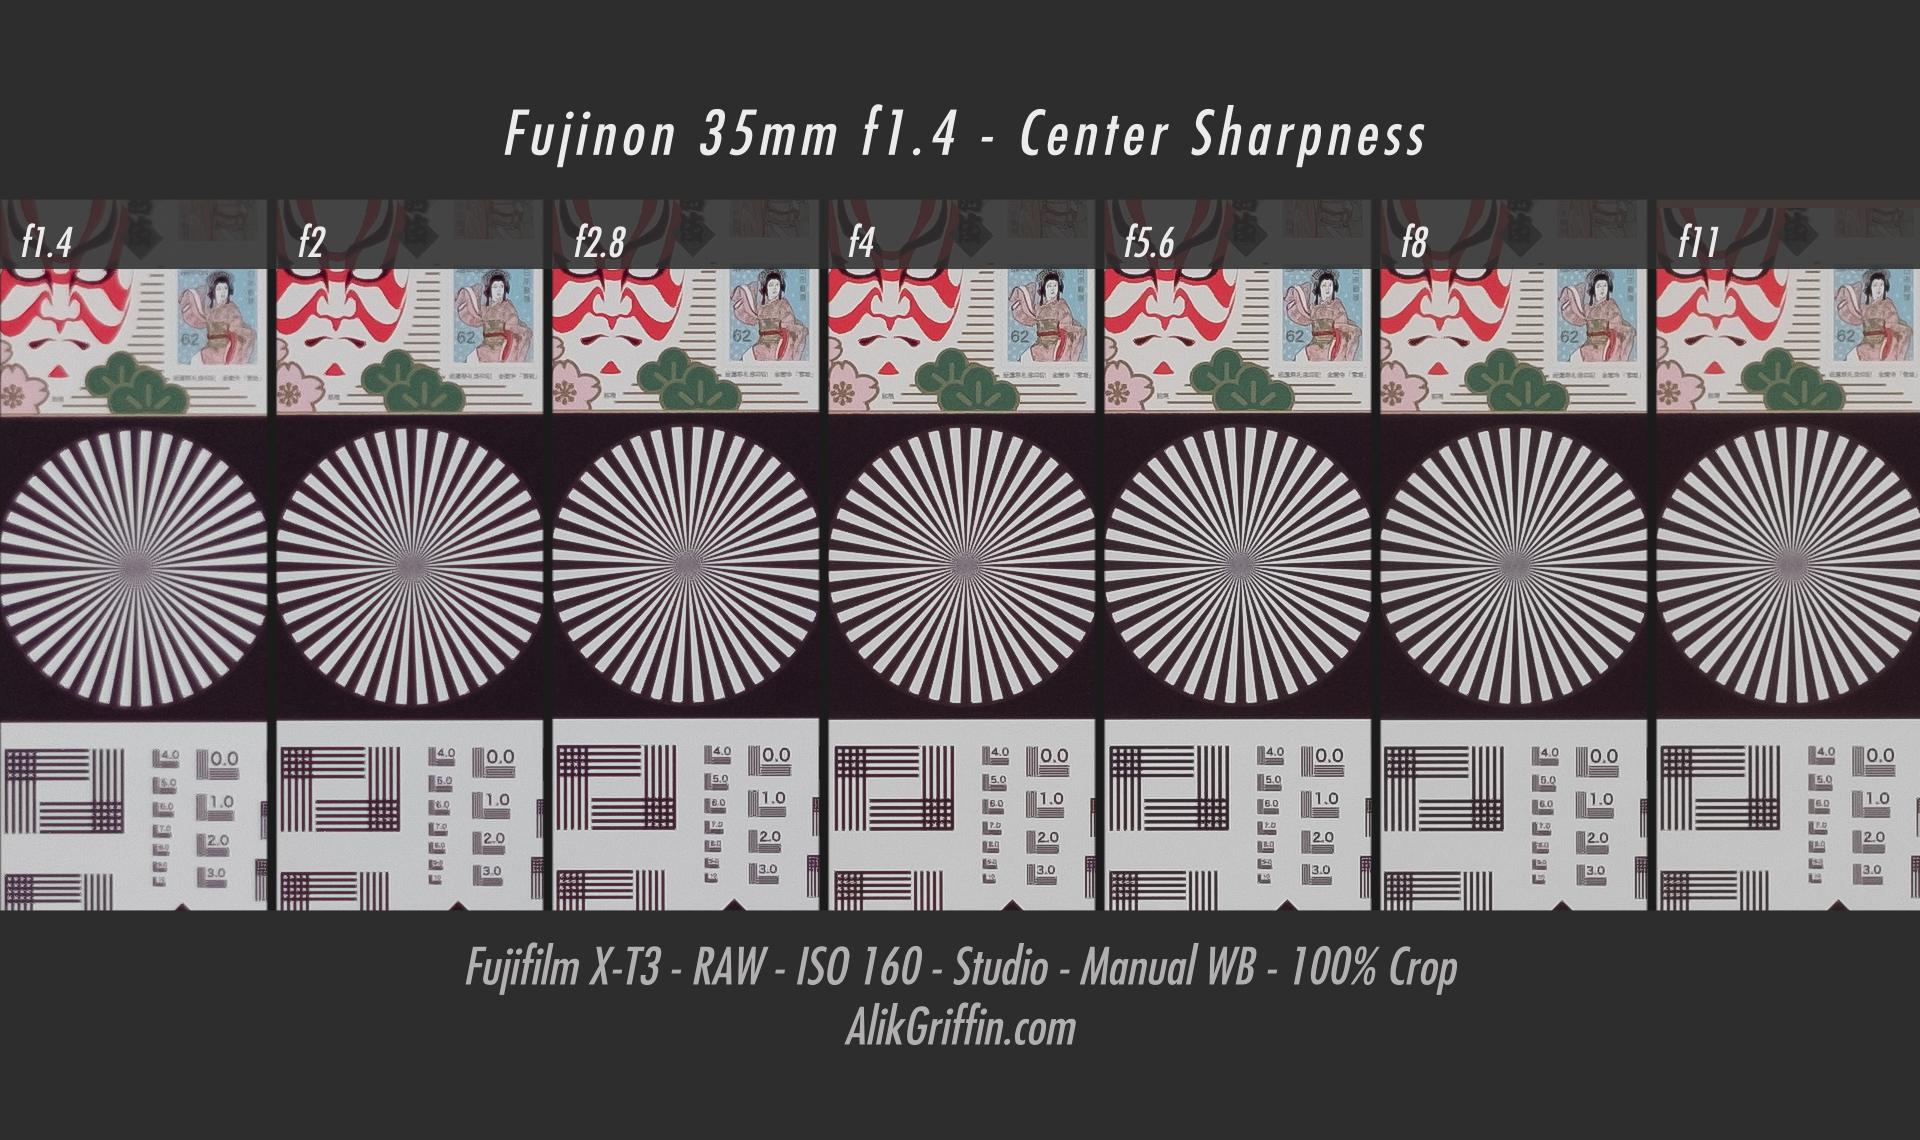 Fuji 35mm f1.4 Sharpness Chart